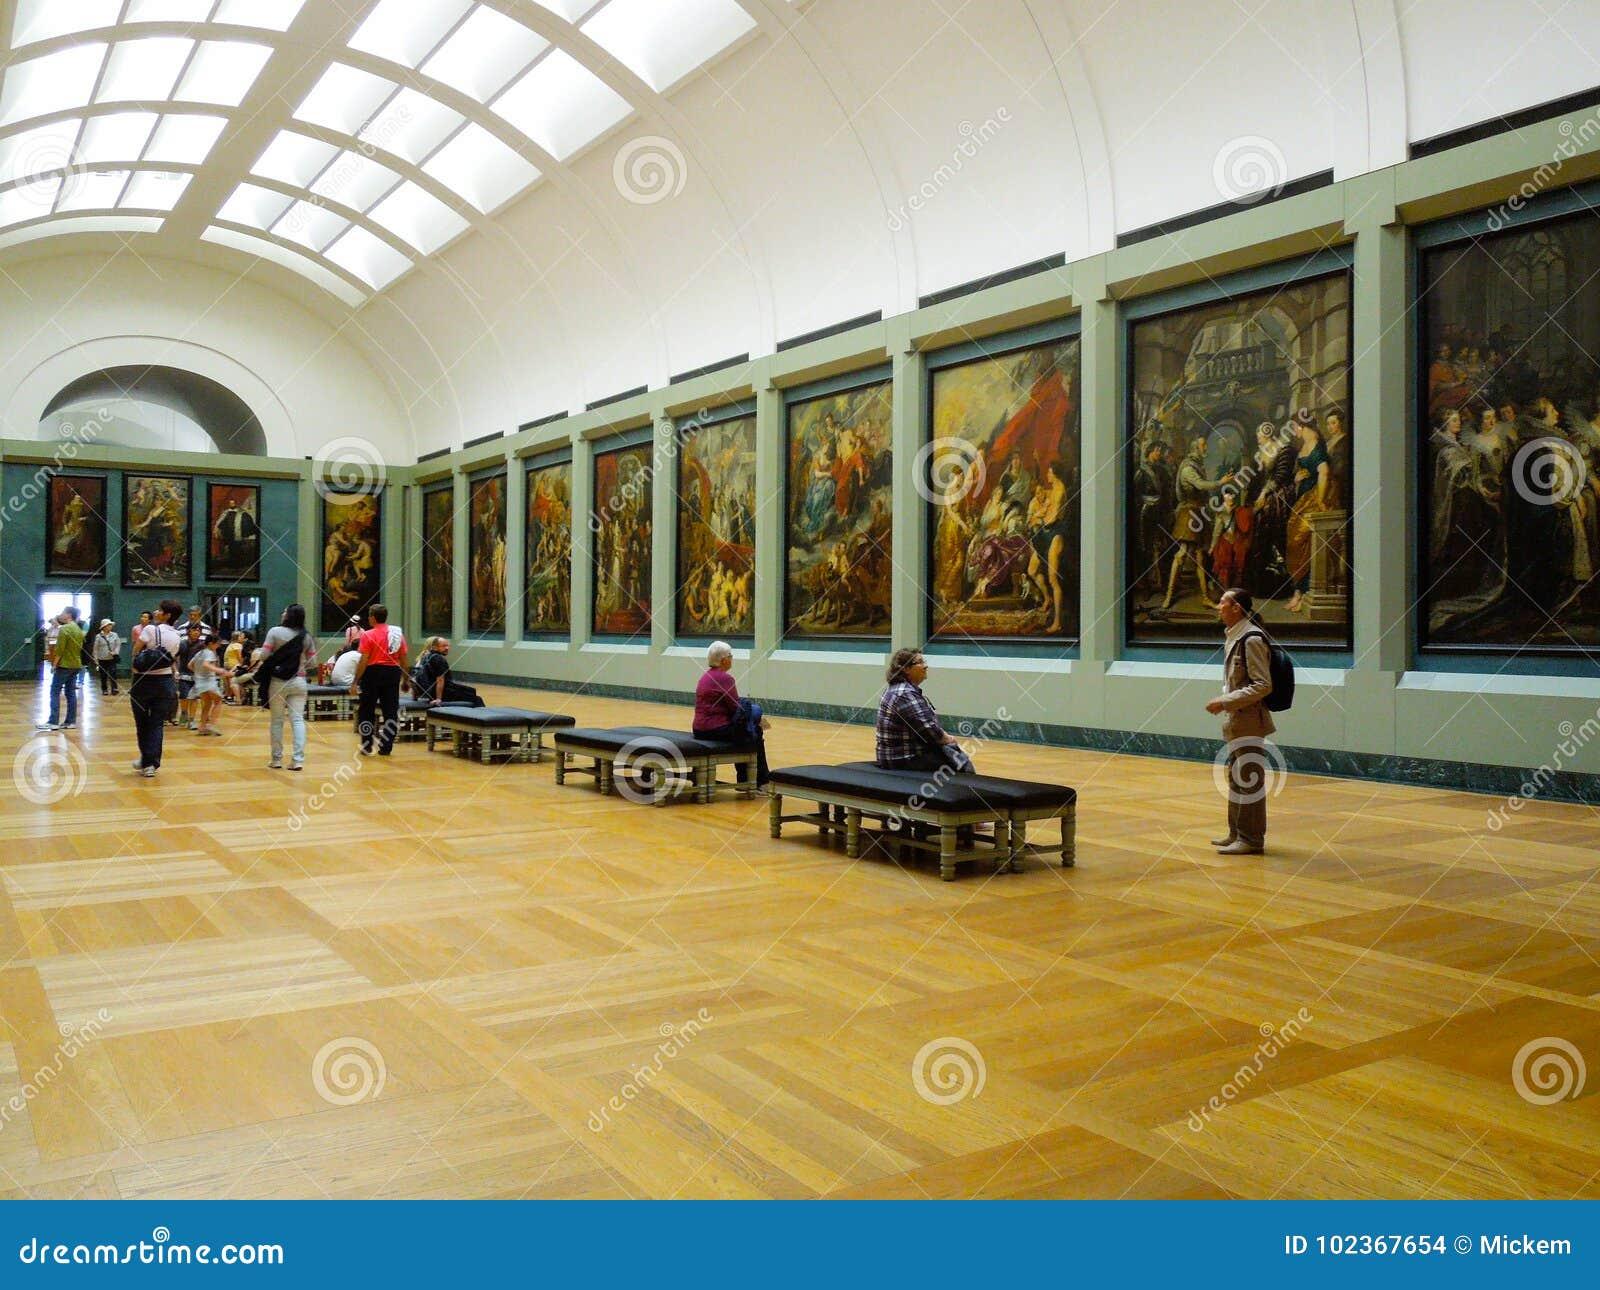 Art Interior Louvre Museum